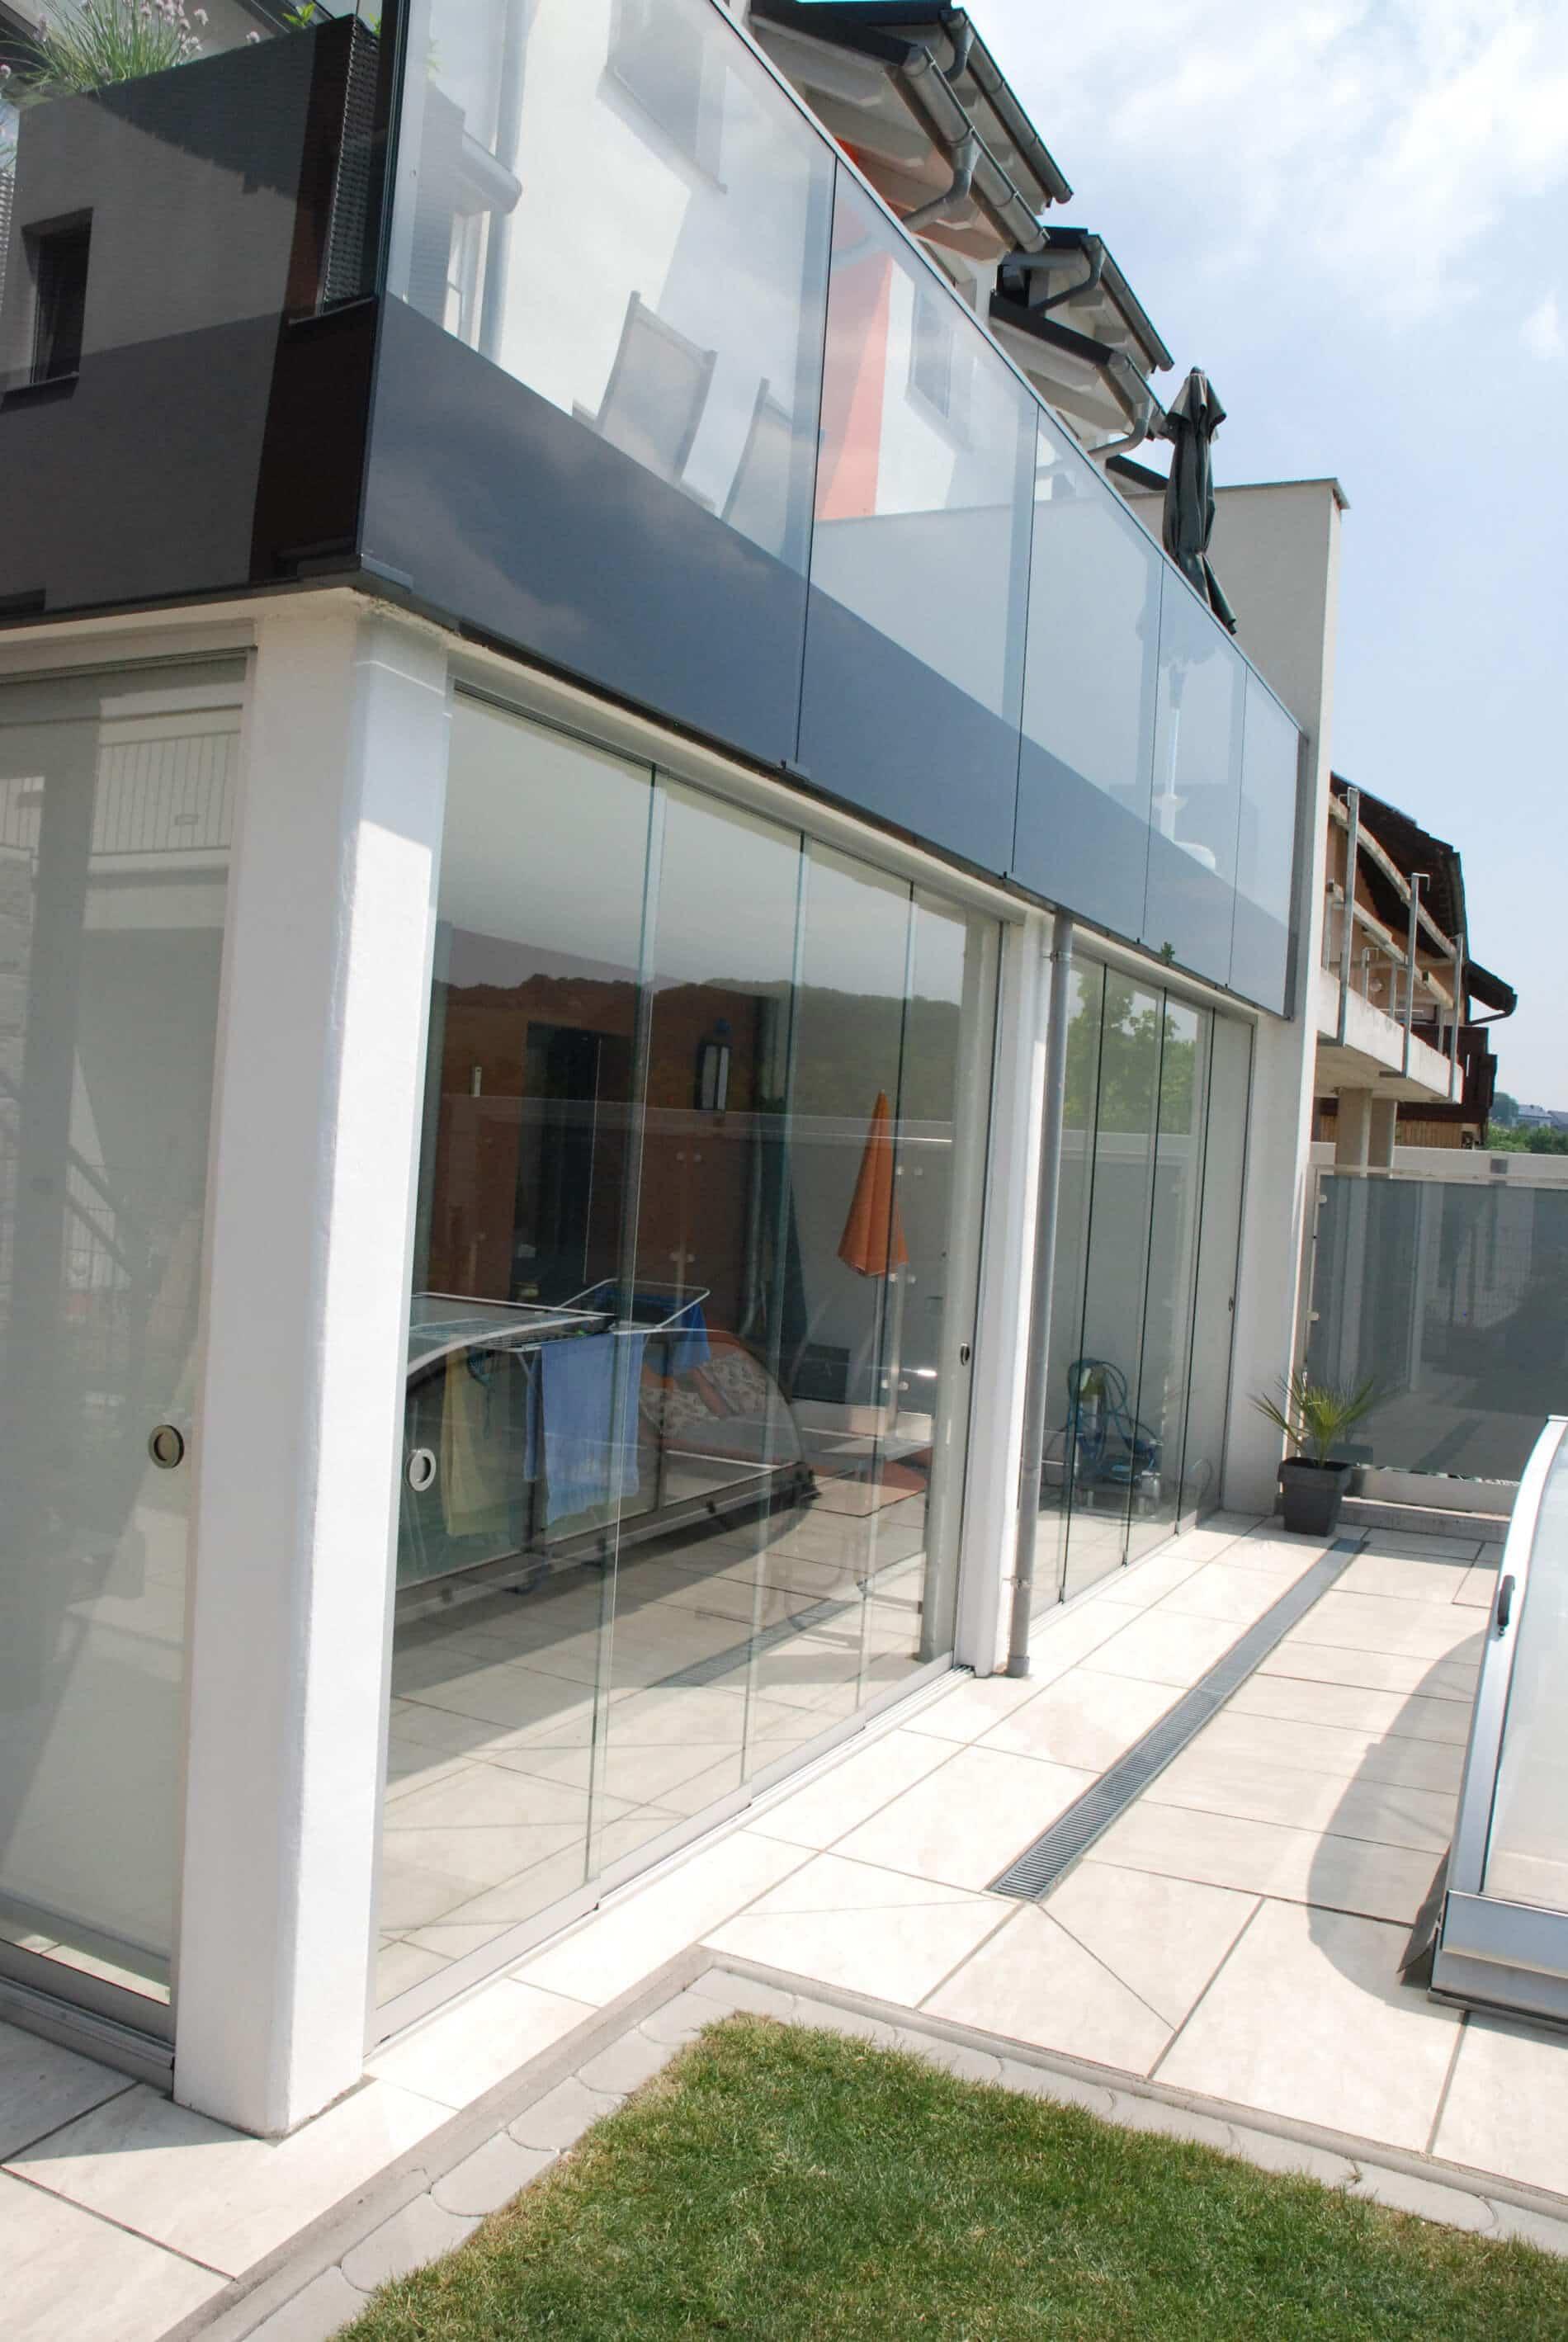 Wetterschutz Glas Terrasse